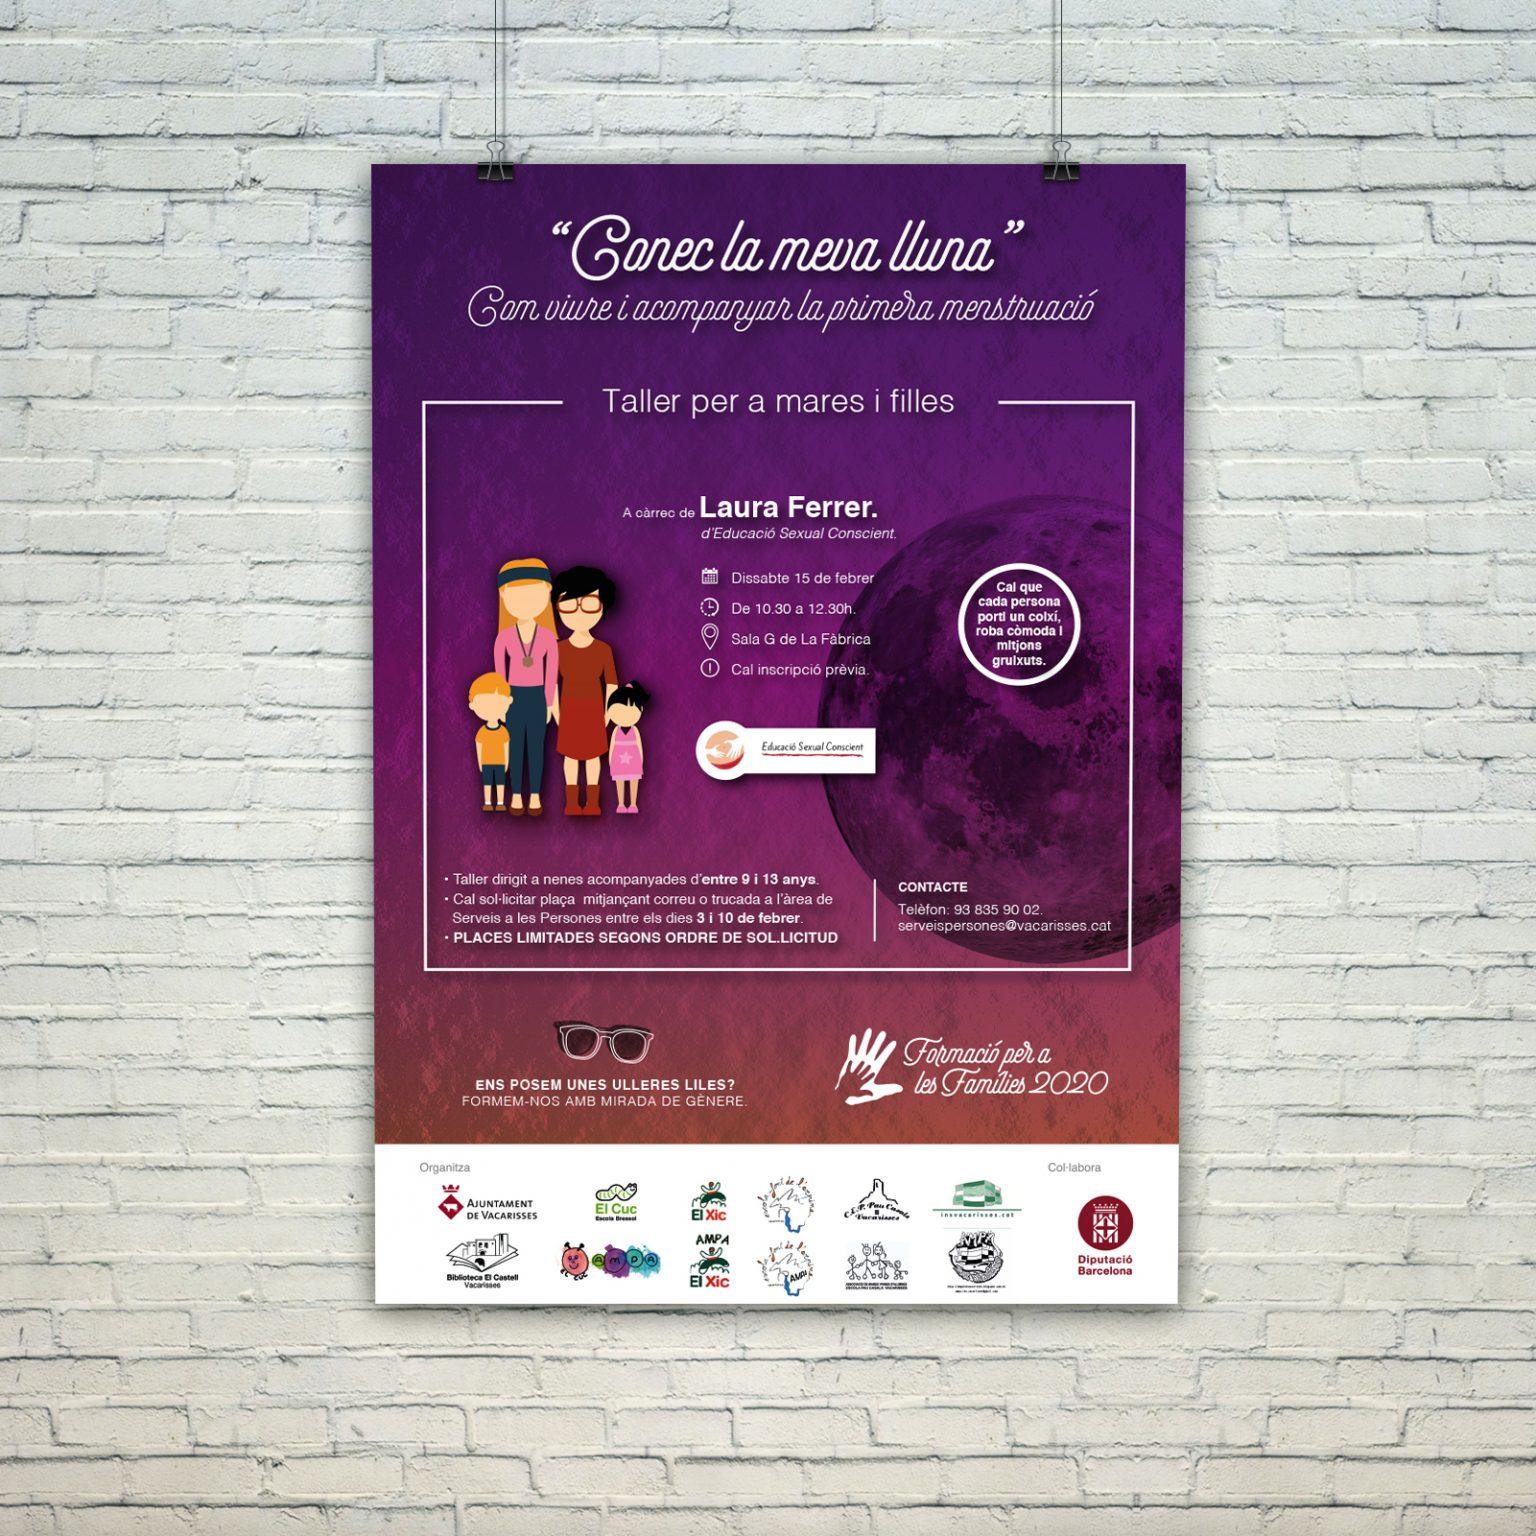 AYUNTAMIENTO DE VACARISSES   Formació per a les famílies 2020   LLUNA